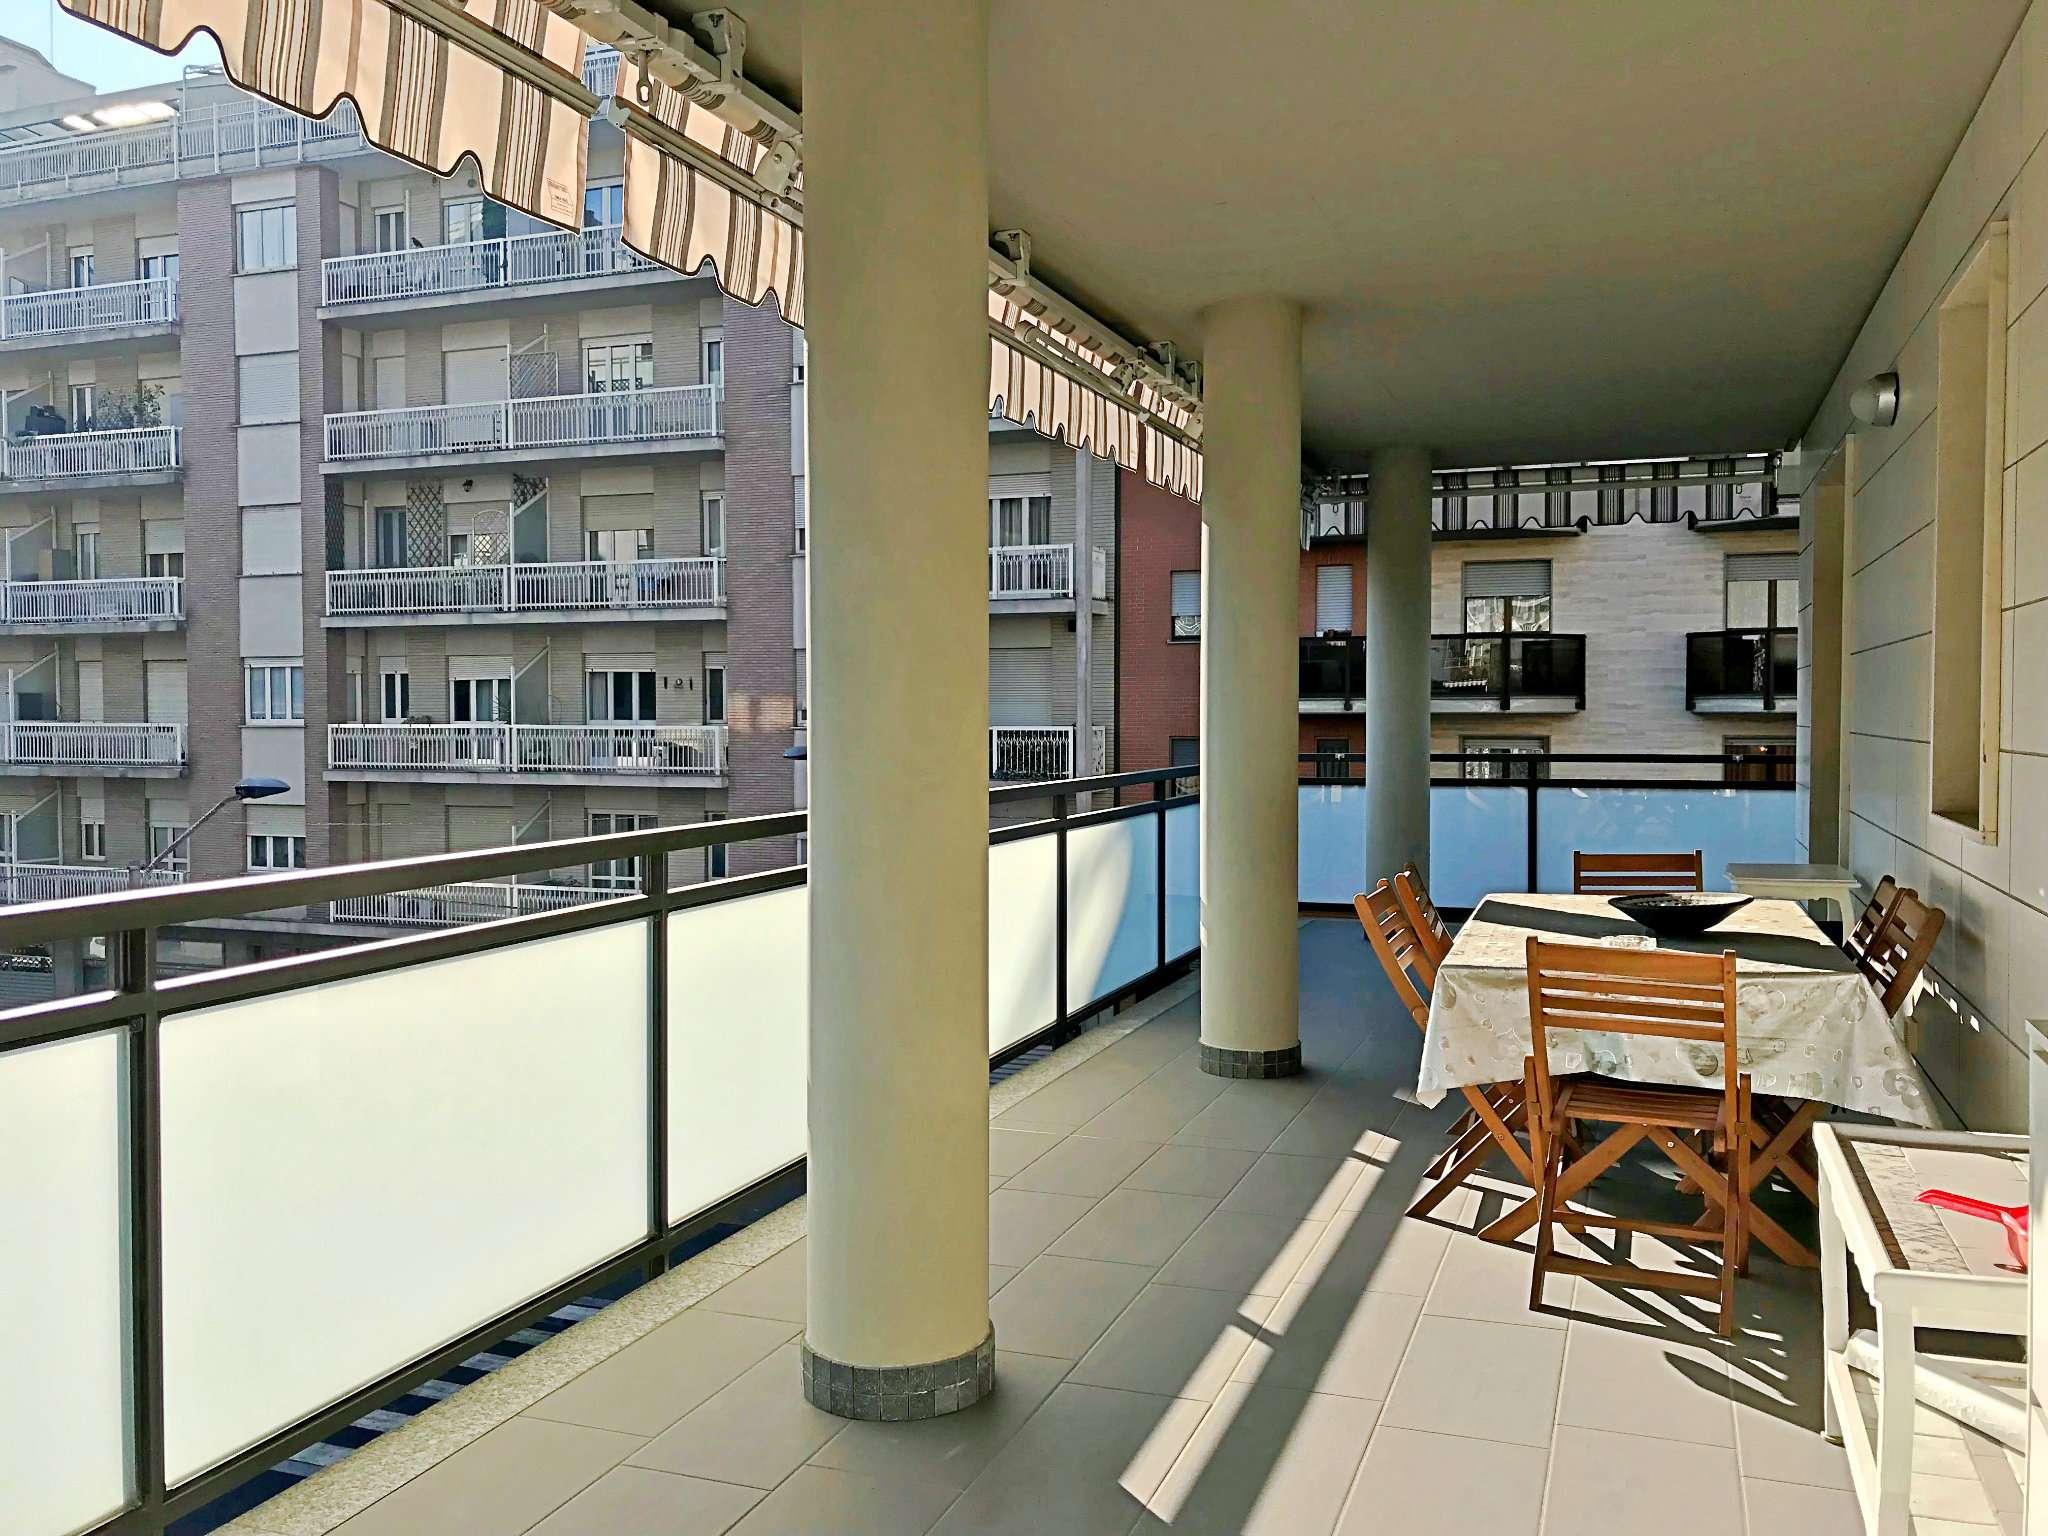 Annunci immobiliari di appartamenti nuovi a torino pag 6 - Agenzie immobiliari a torino ...